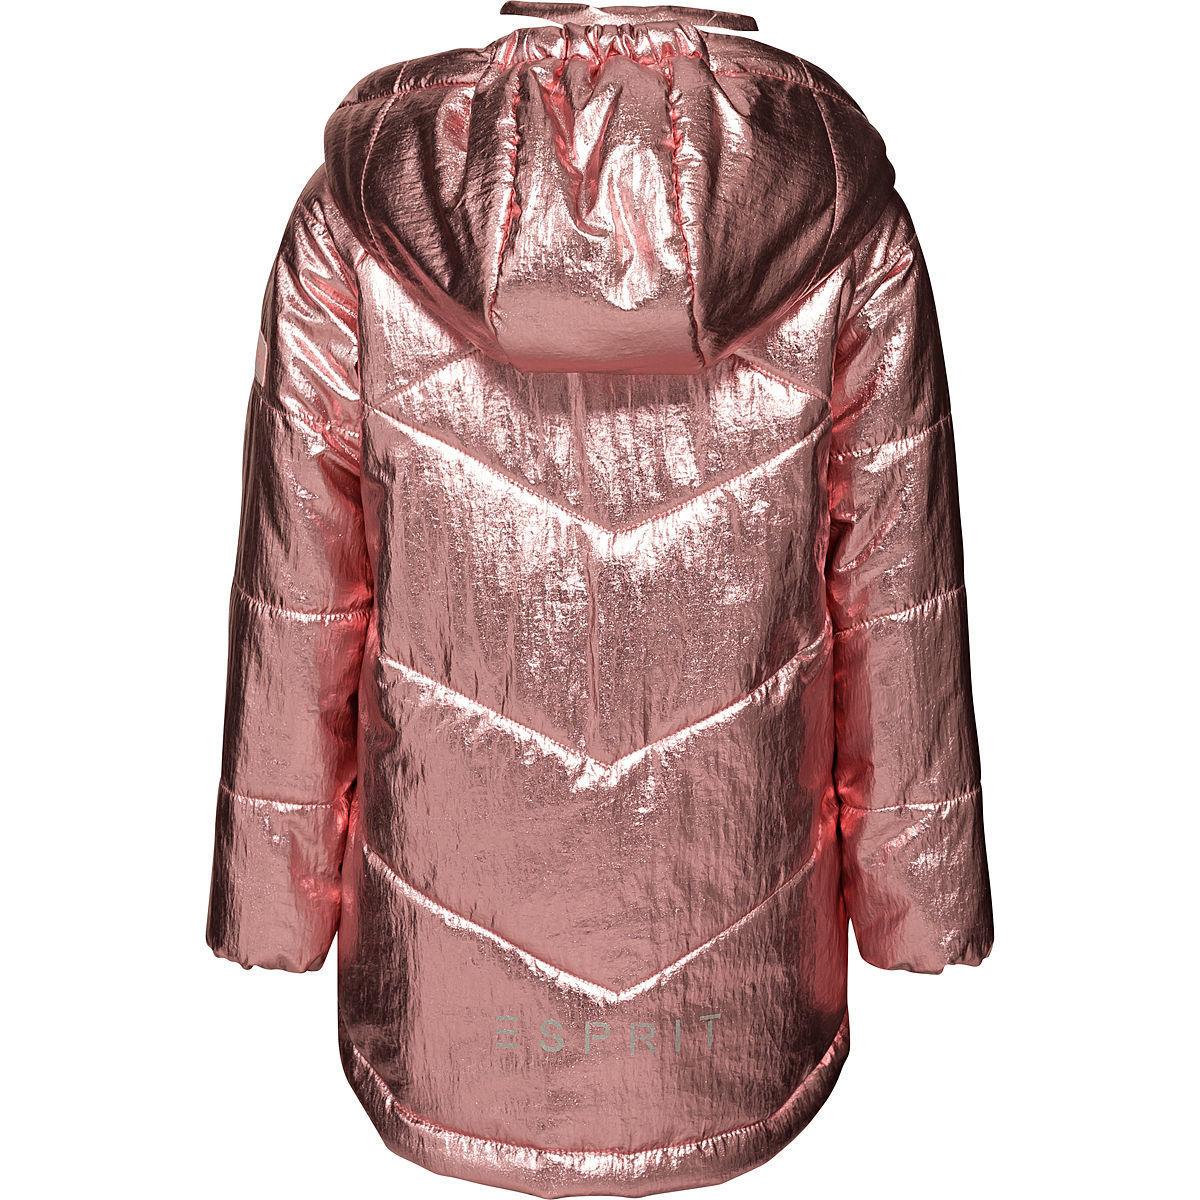 Bild 2 von Esprit Mädchen Jacke mit Kapuze, metallic